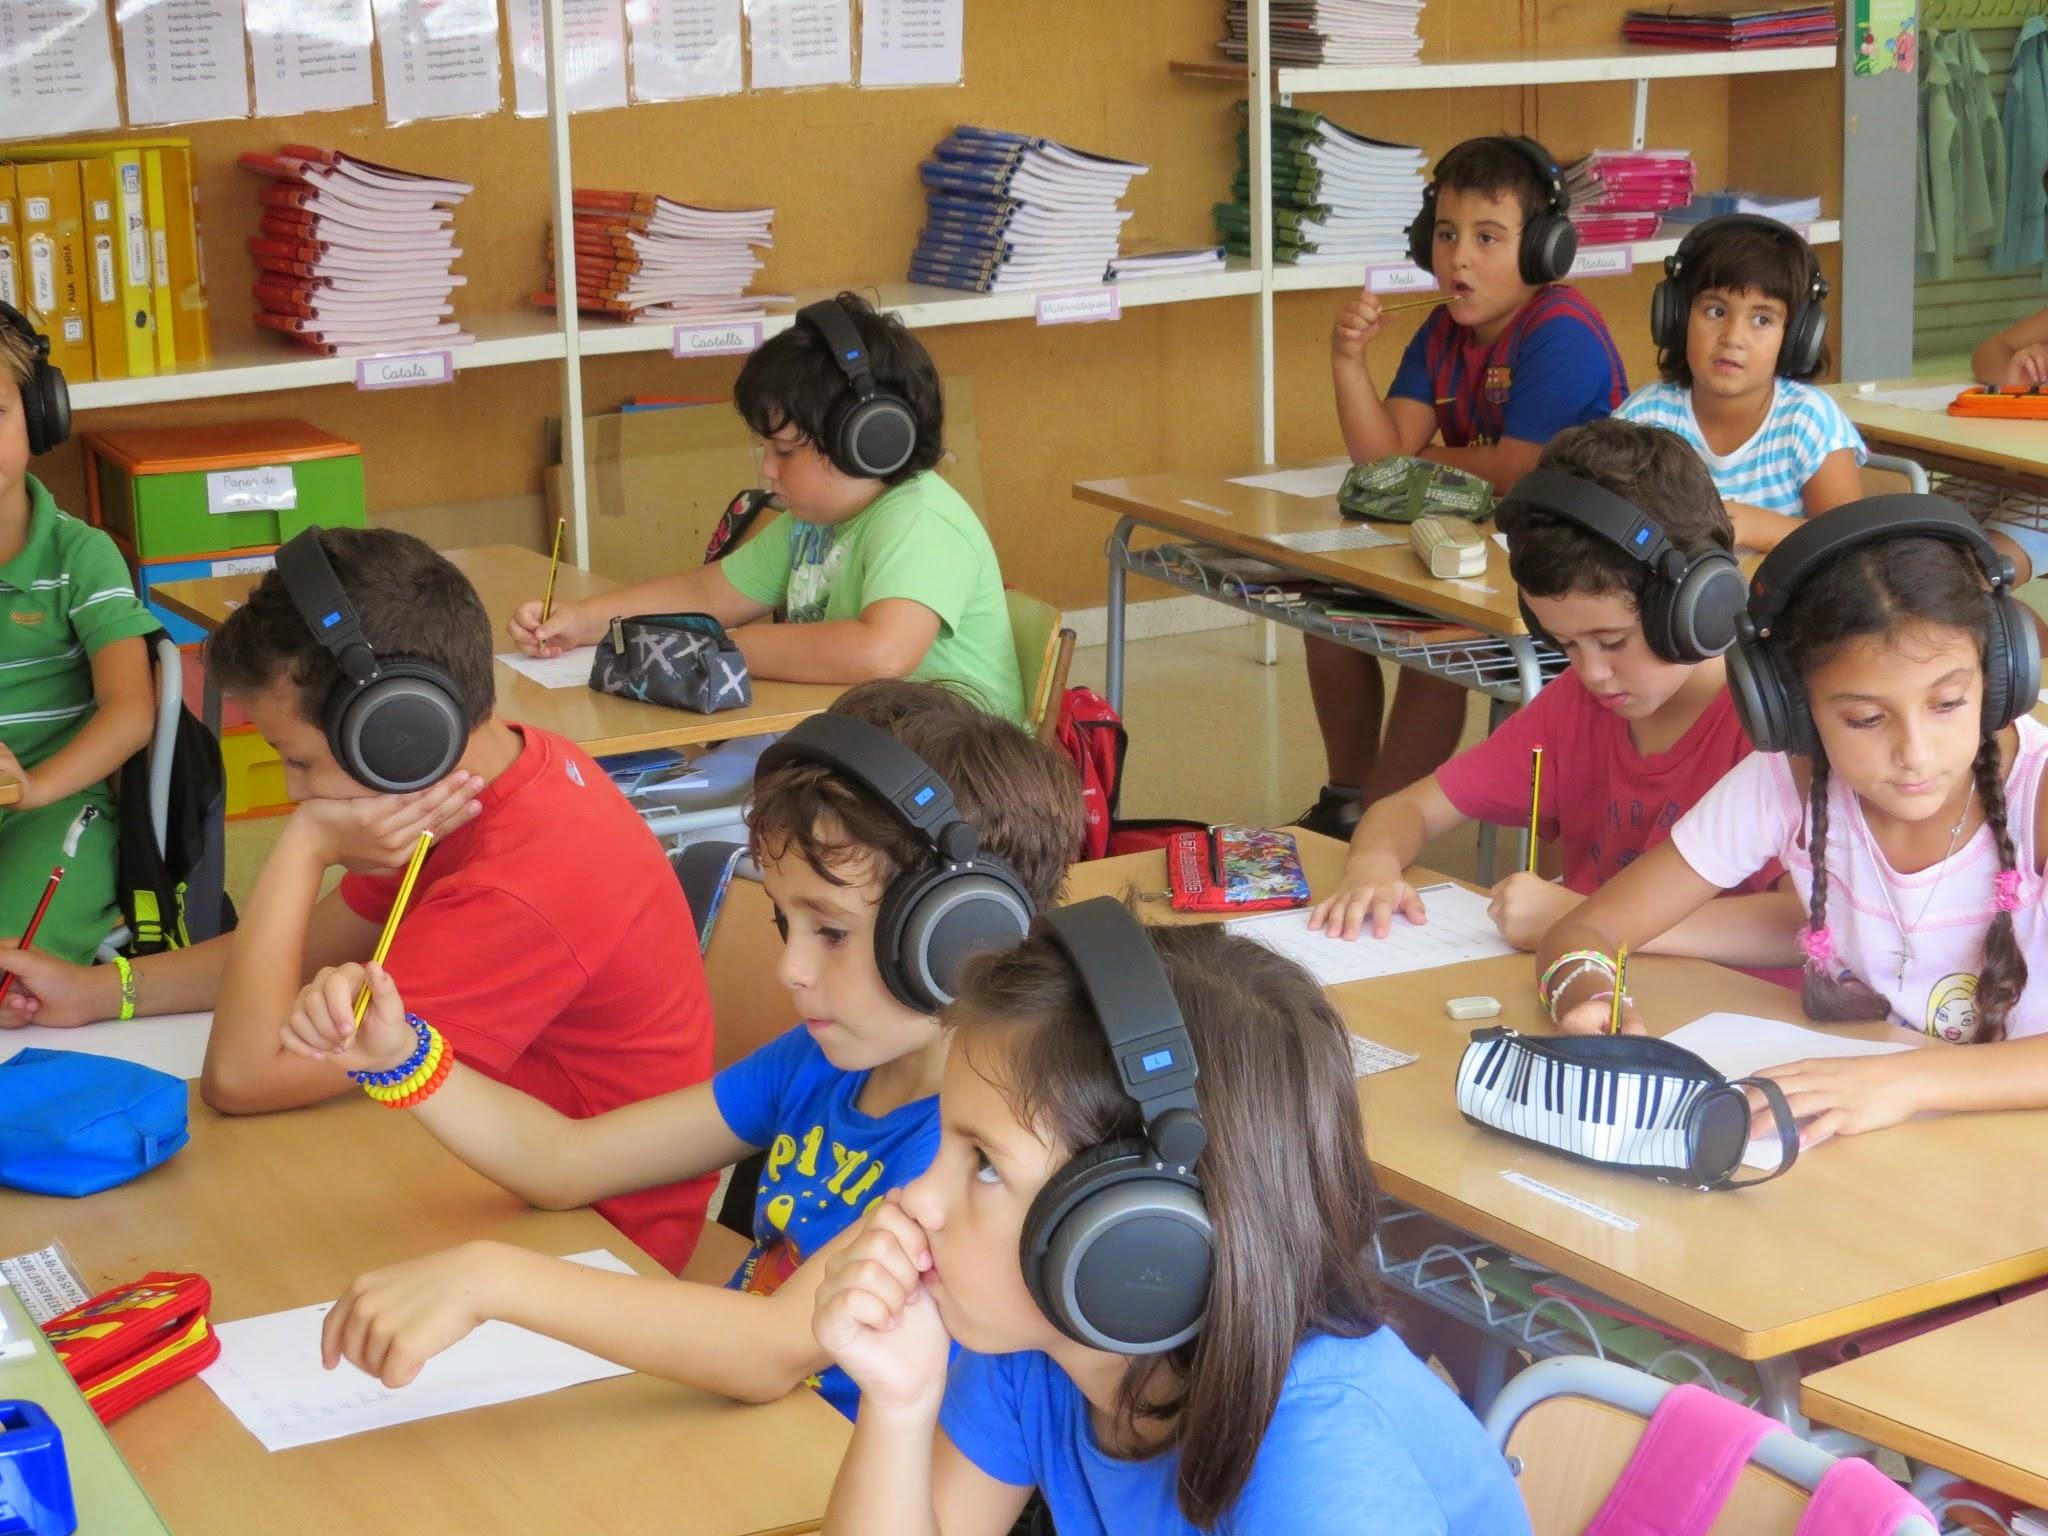 2013 tomatis segon idioma escola mediterreni (3)